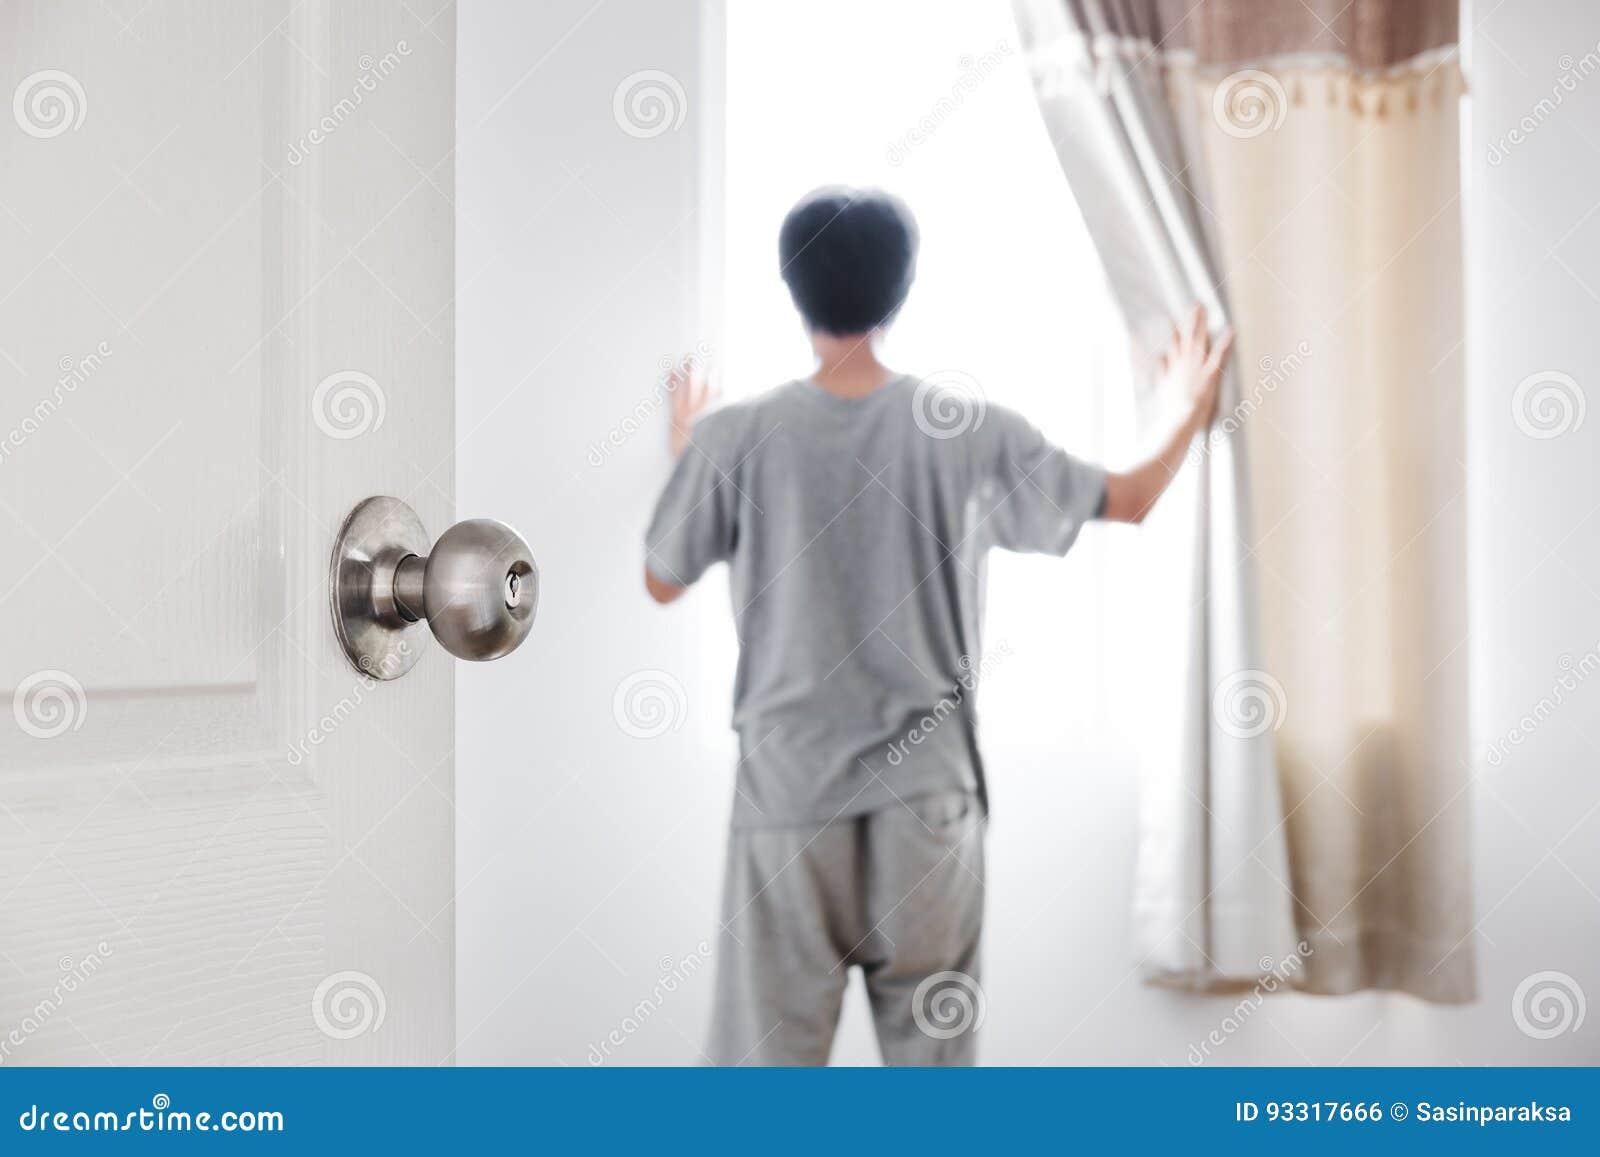 Gordijn Voor Deur : De deur opende voor de ruimte met een mensen open gordijn die